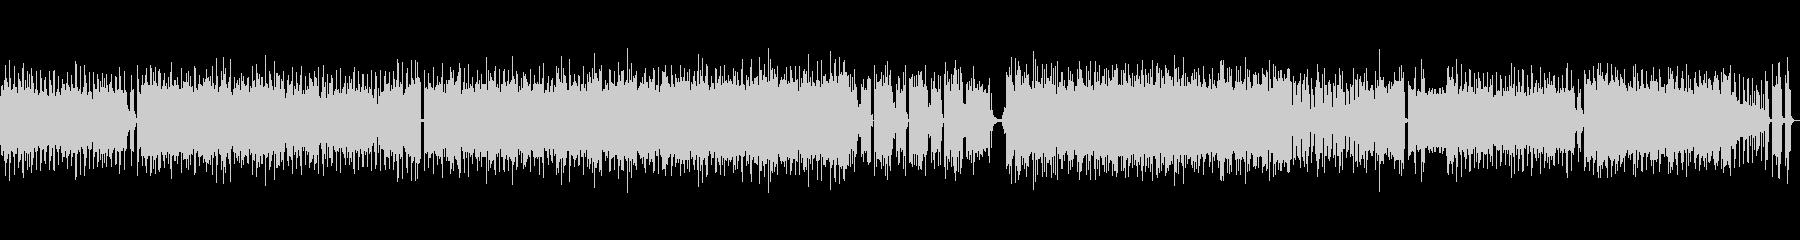 オーケストラロックアップループ曲企業VPの未再生の波形